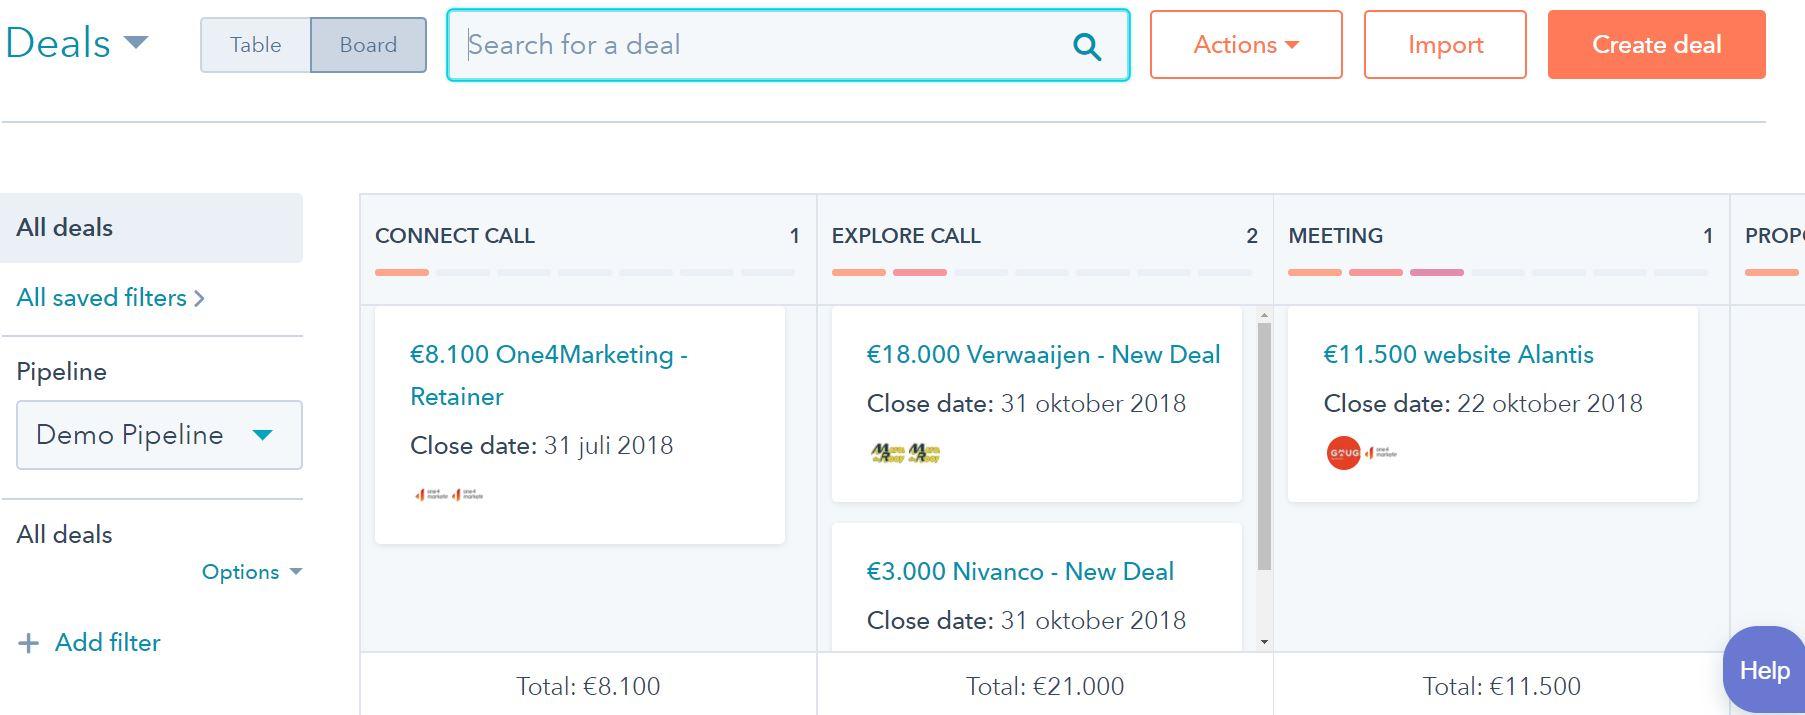 deals-1